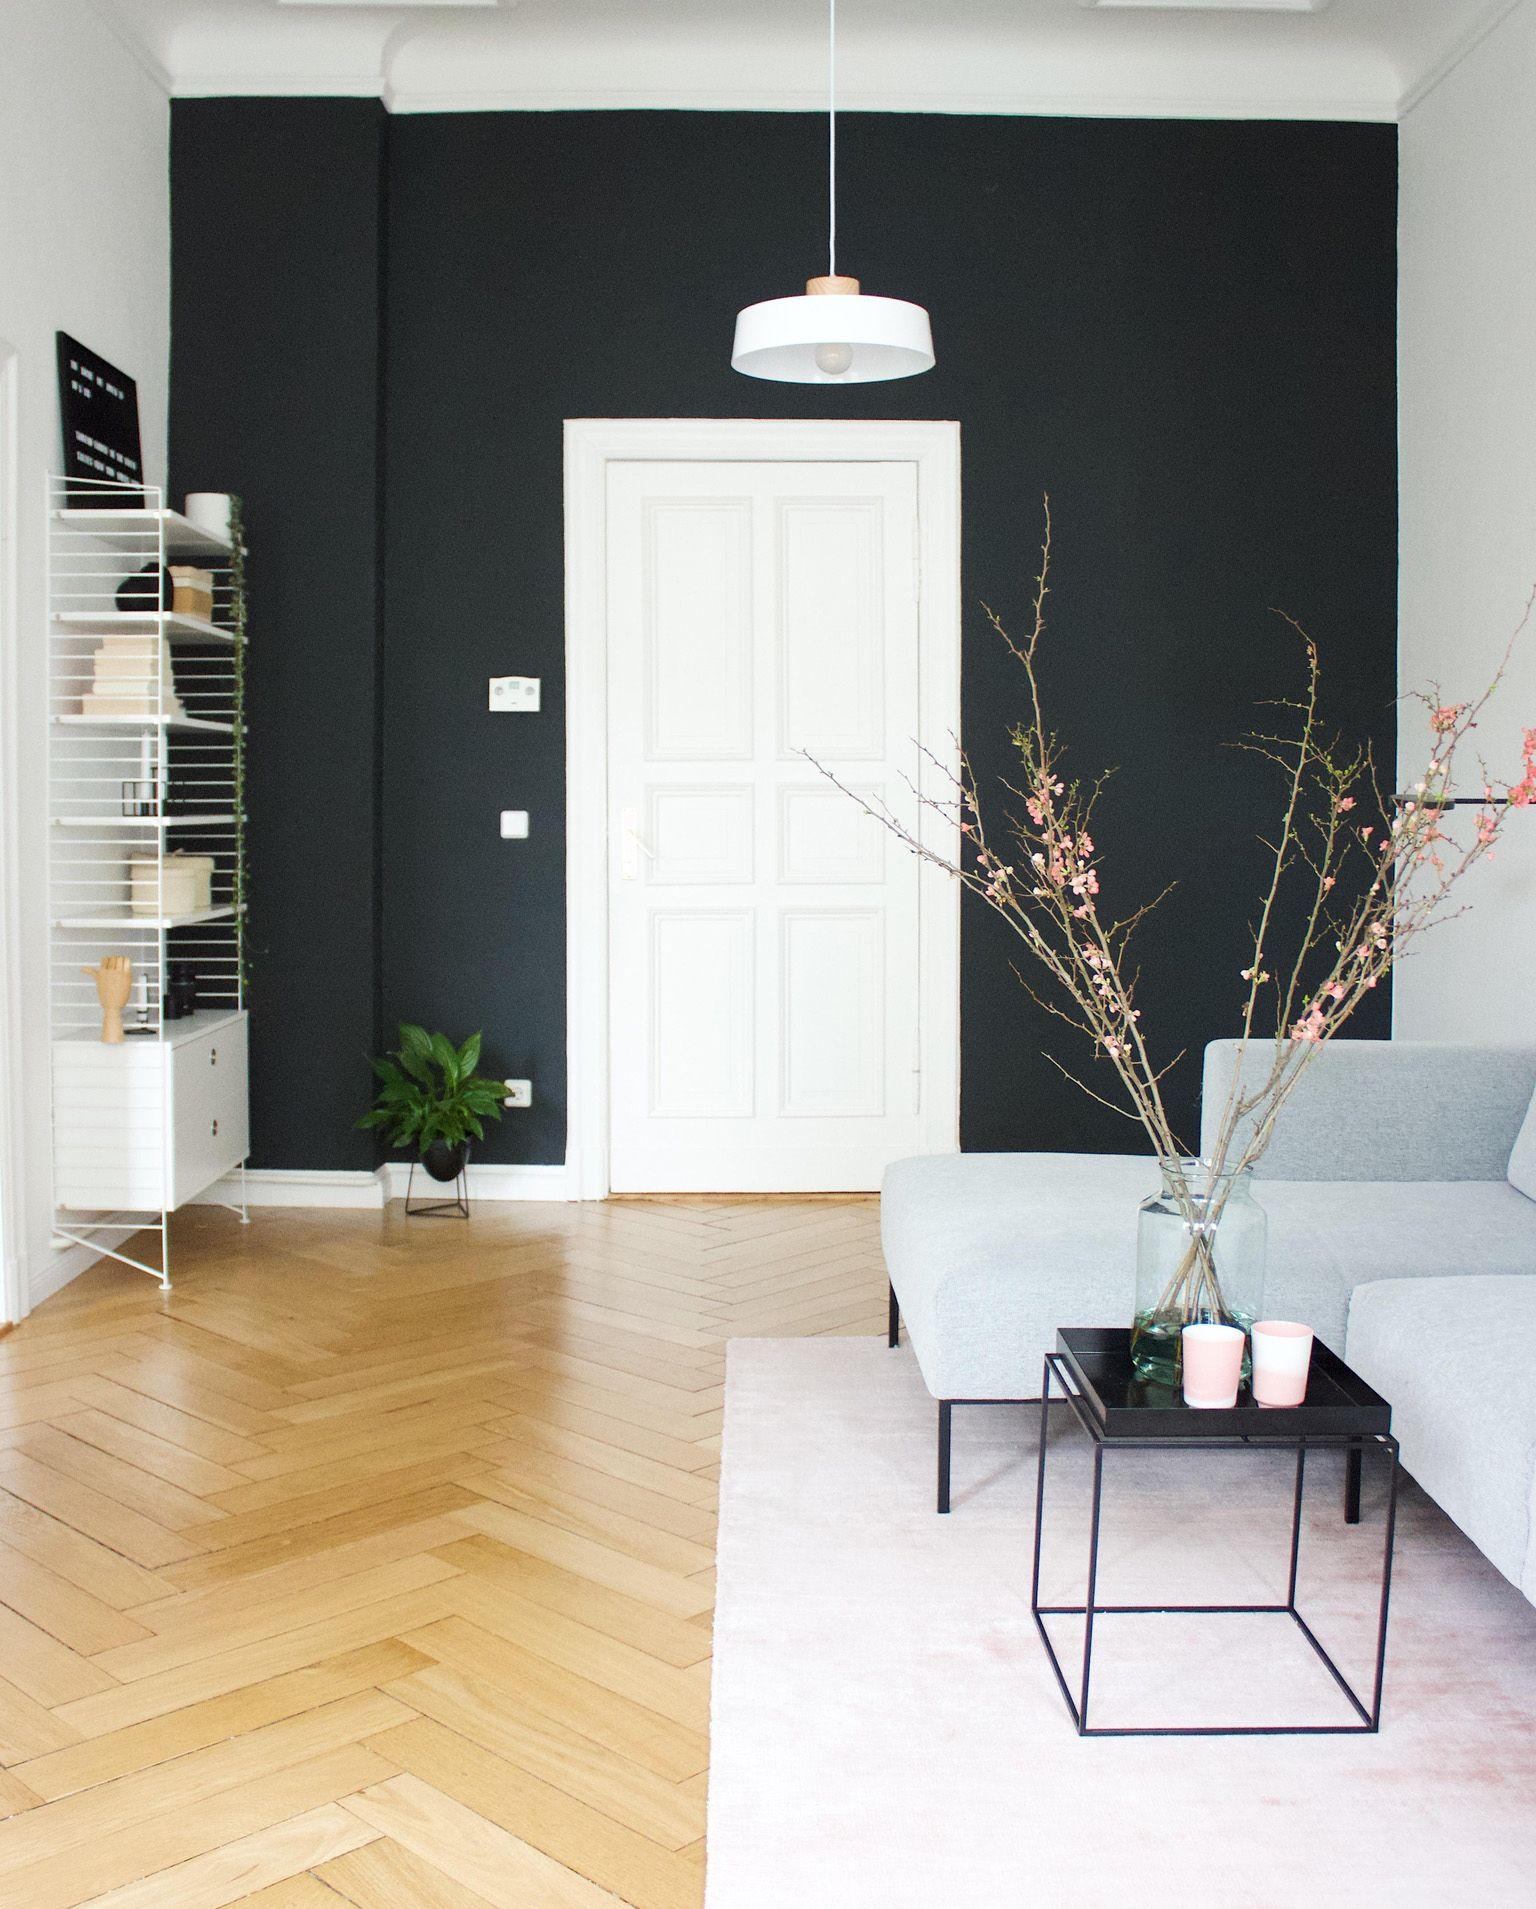 Die Schwarze Wand Im Wohnzimmer Von Dasmaedchenmitdemperlenohrring Ist Ein Echter Hingucker Kombiniert Mit Rosafarbene Schwarze Wand Haus Wohnzimmer Haus Deko